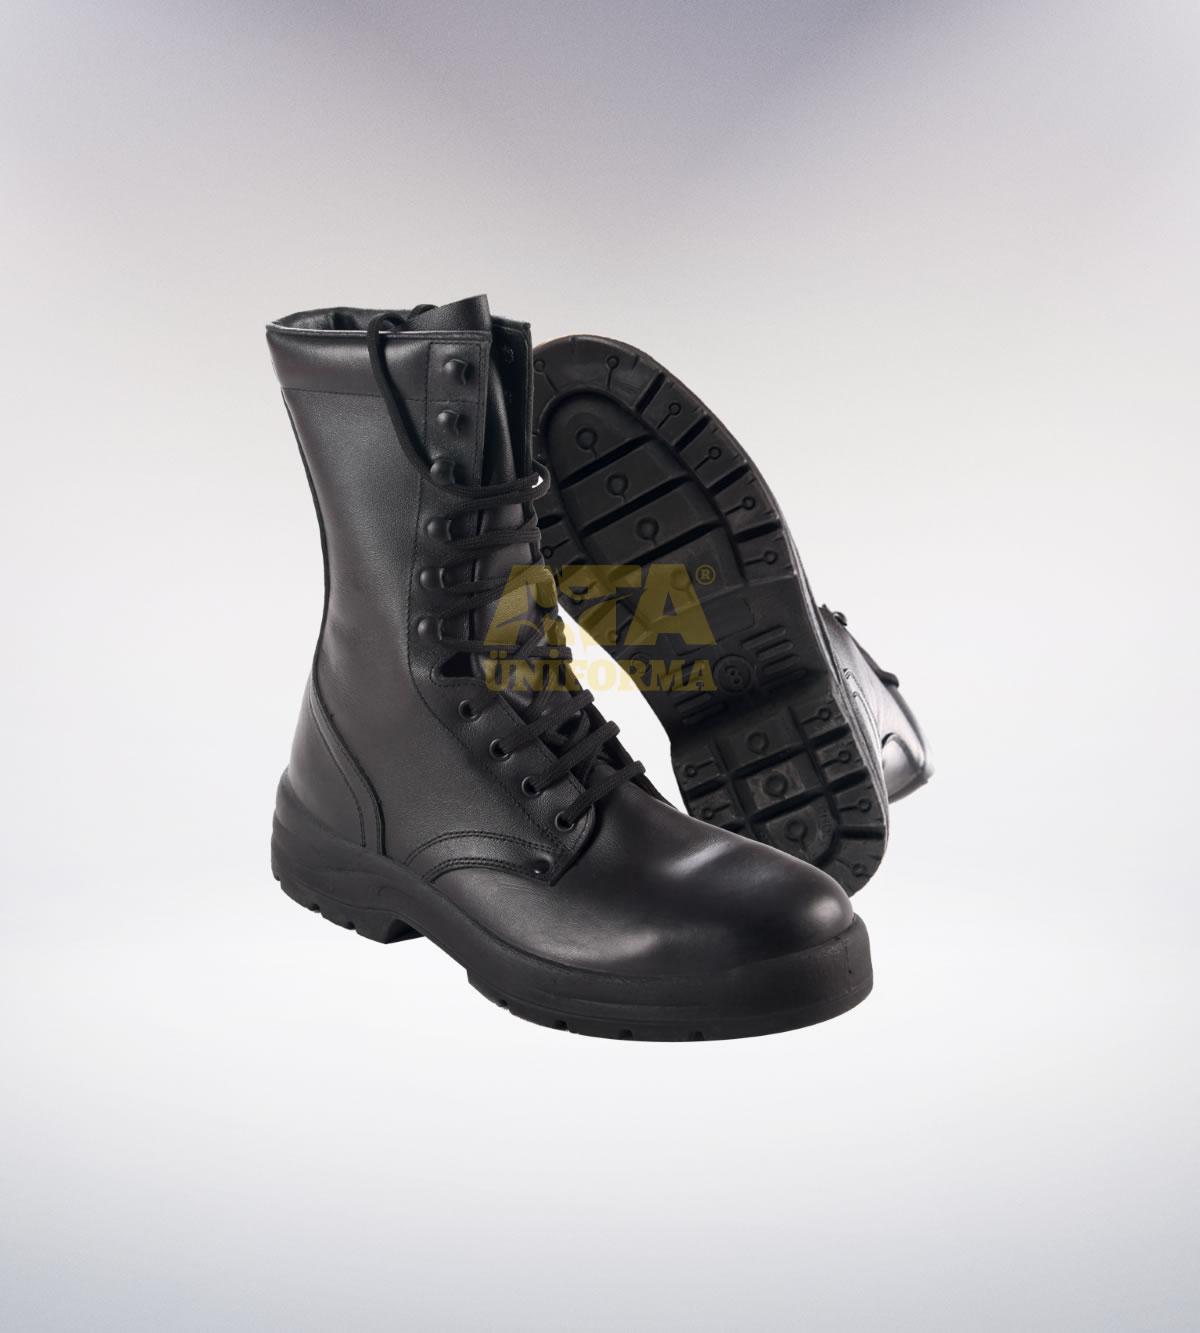 ATA-1065 Asker bot - Asker elbiseleri | Asker  üniformaları | Asker kıyafetleri